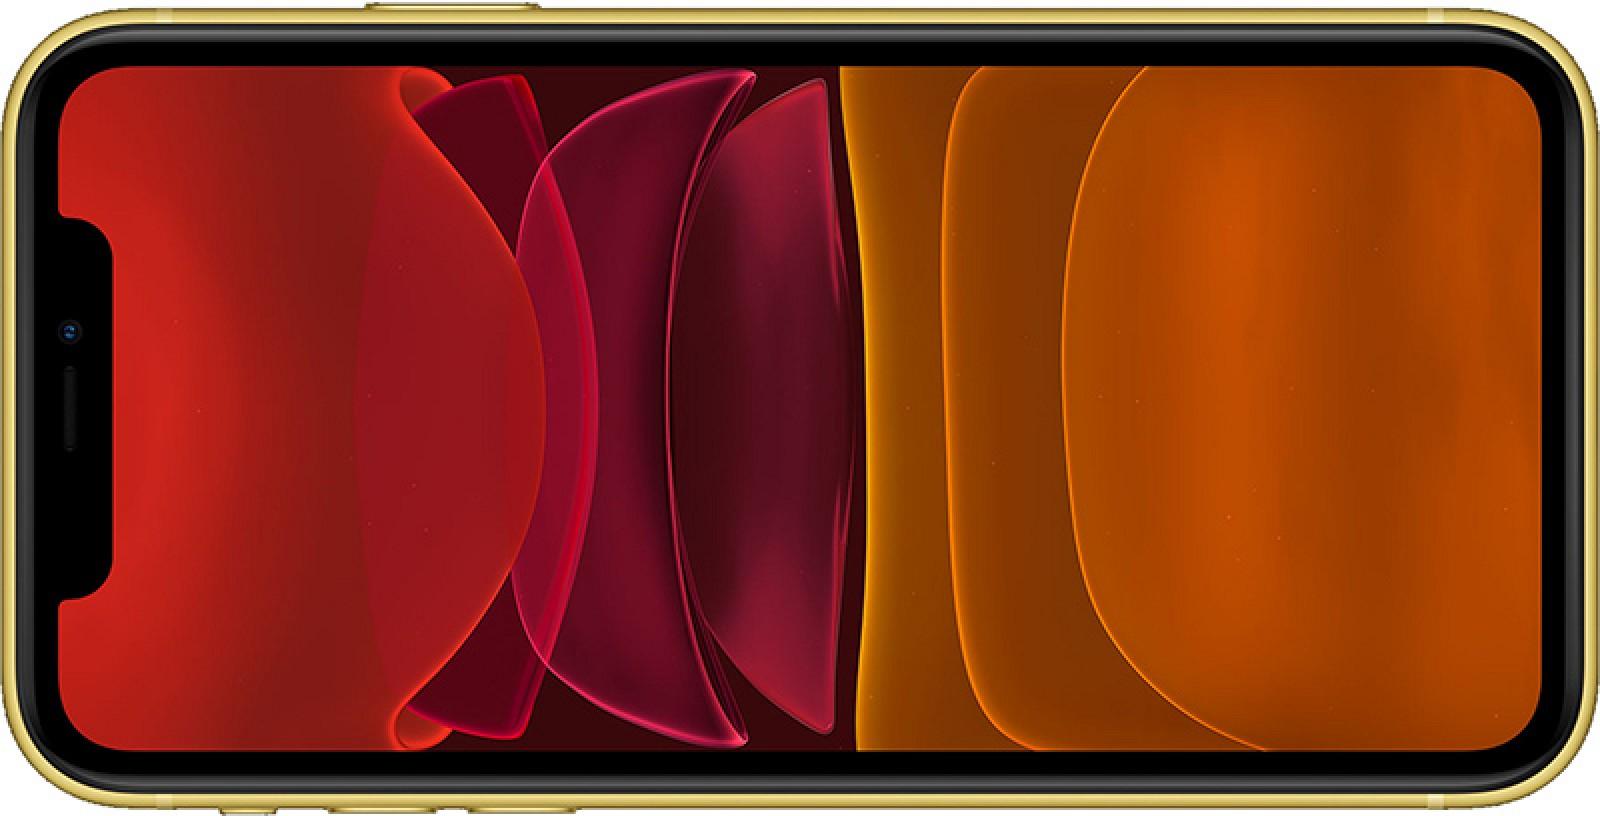 Apple aseta määräaika vuoteen 2022 asti, jotta saataisiin mukautettuja 5G-modeemeja …